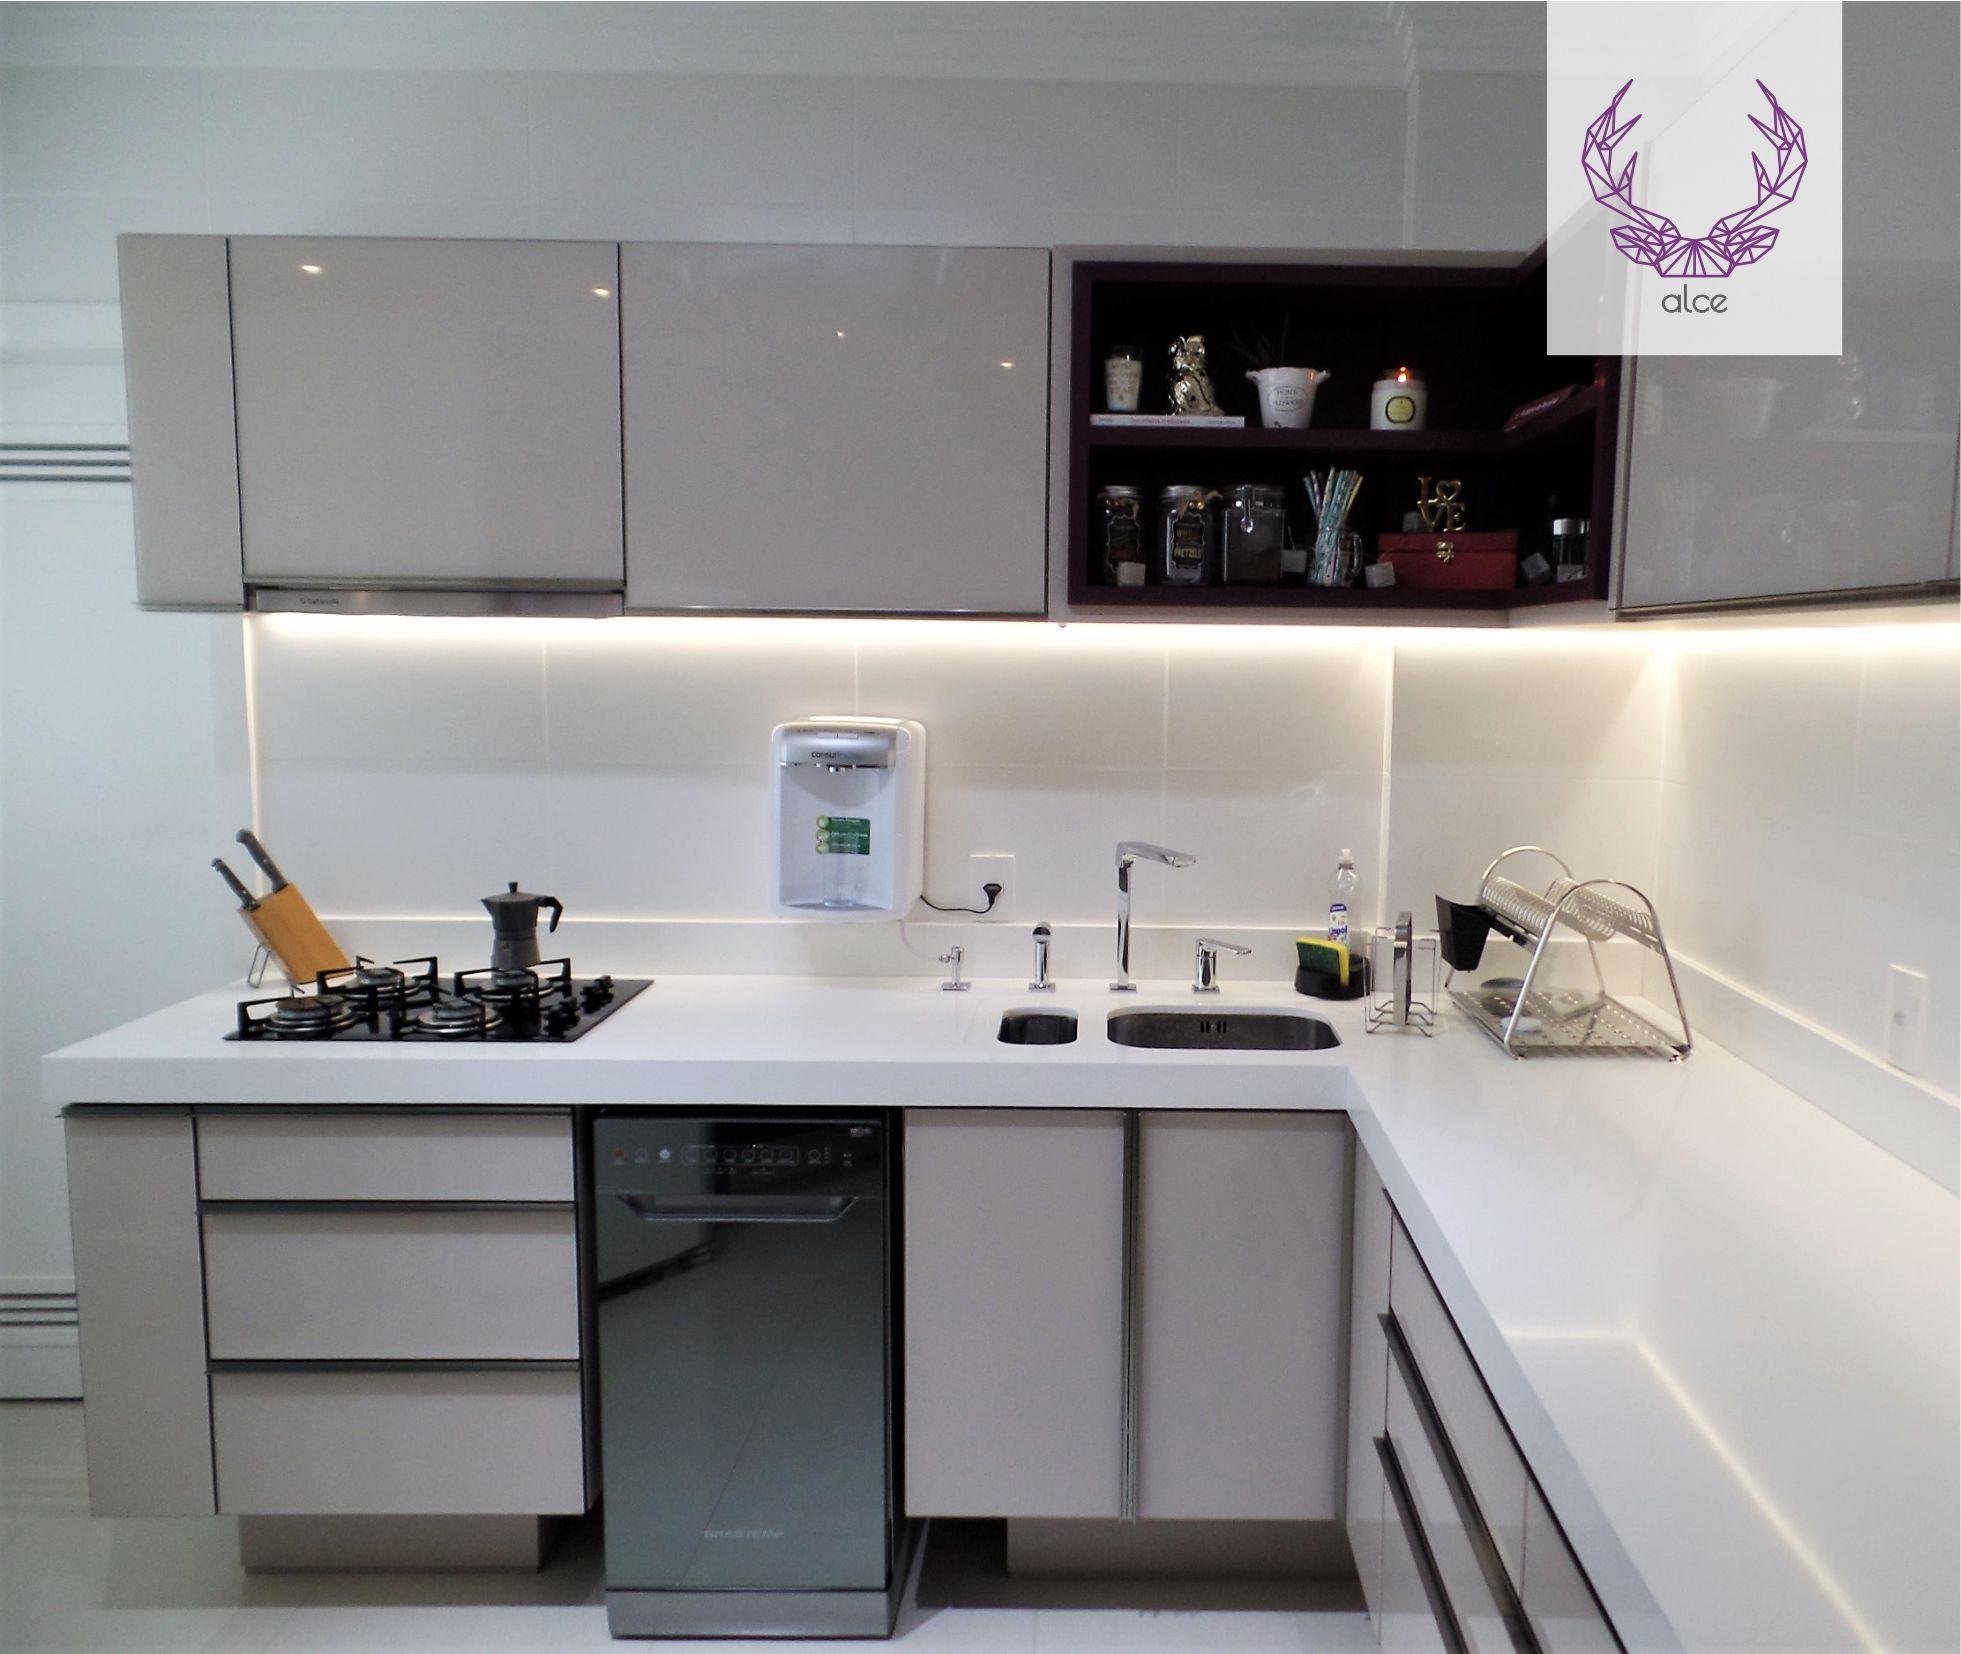 Cozinha Com Ilumina O Em Led Arm Rio Bege Nicho Beringela E